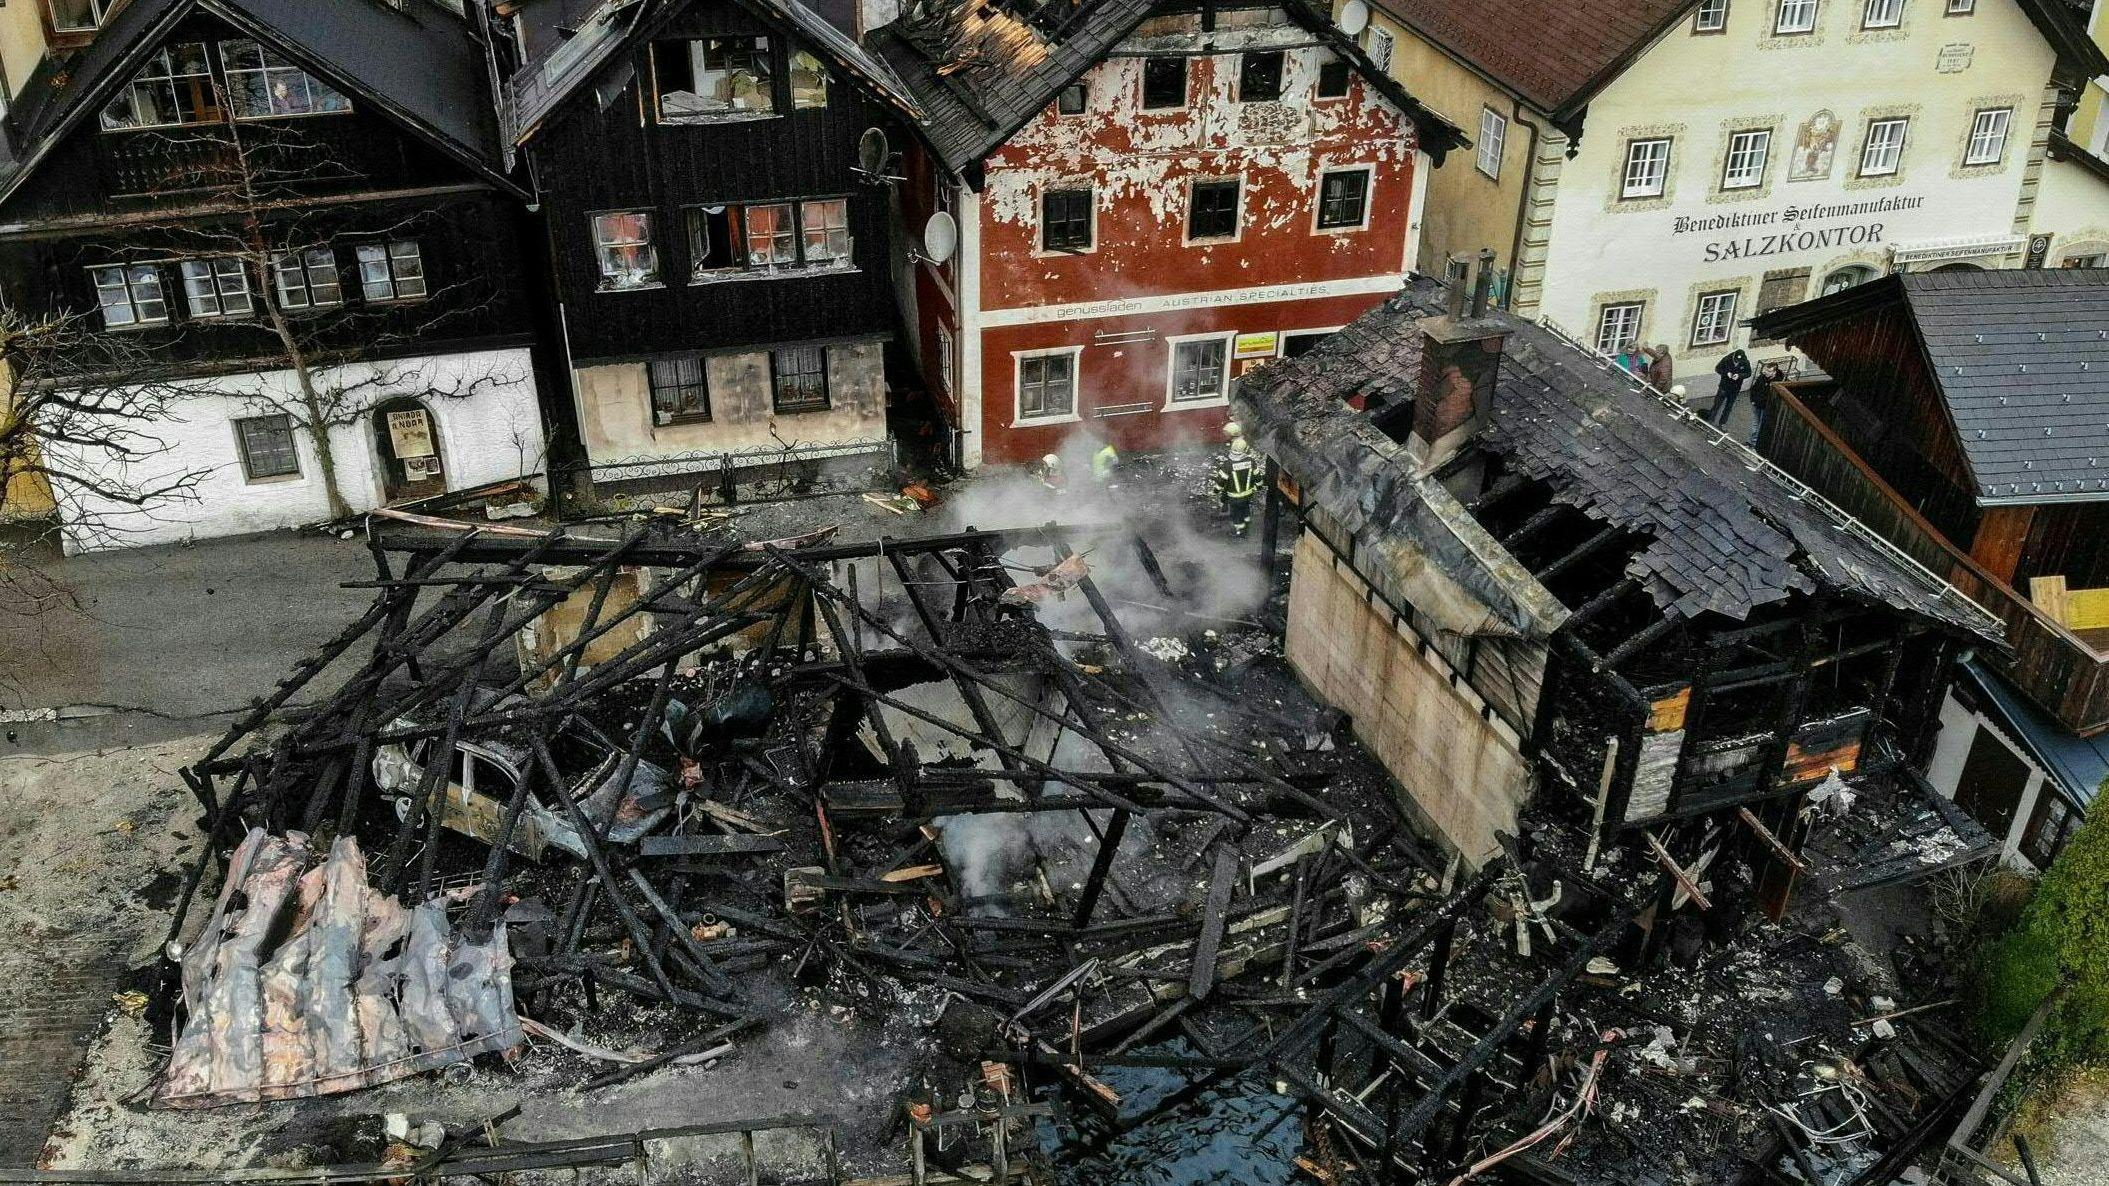 Brandruine in Hallstatt